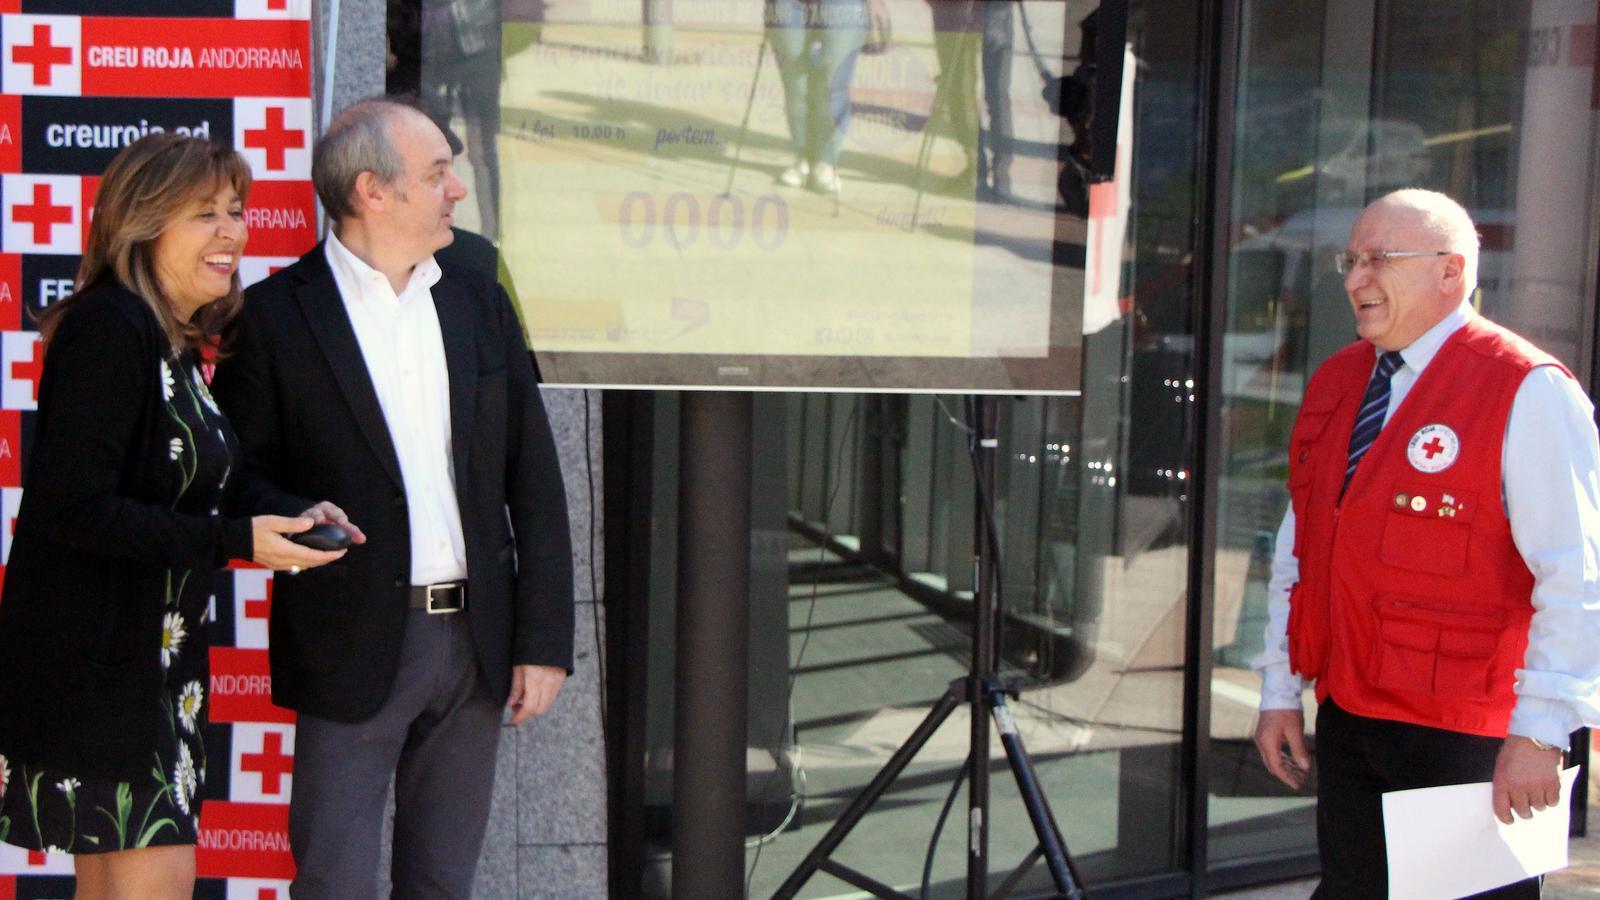 El ministre de Salut, Carles Álvarez Marfany, i la cònsol major d'Andorra la Vella, Conxita Marsol, activen el comptador de les donacions de sang, en presència del voluntari de la Creu Roja, Lluís de Juan. / C.G. (ANA)